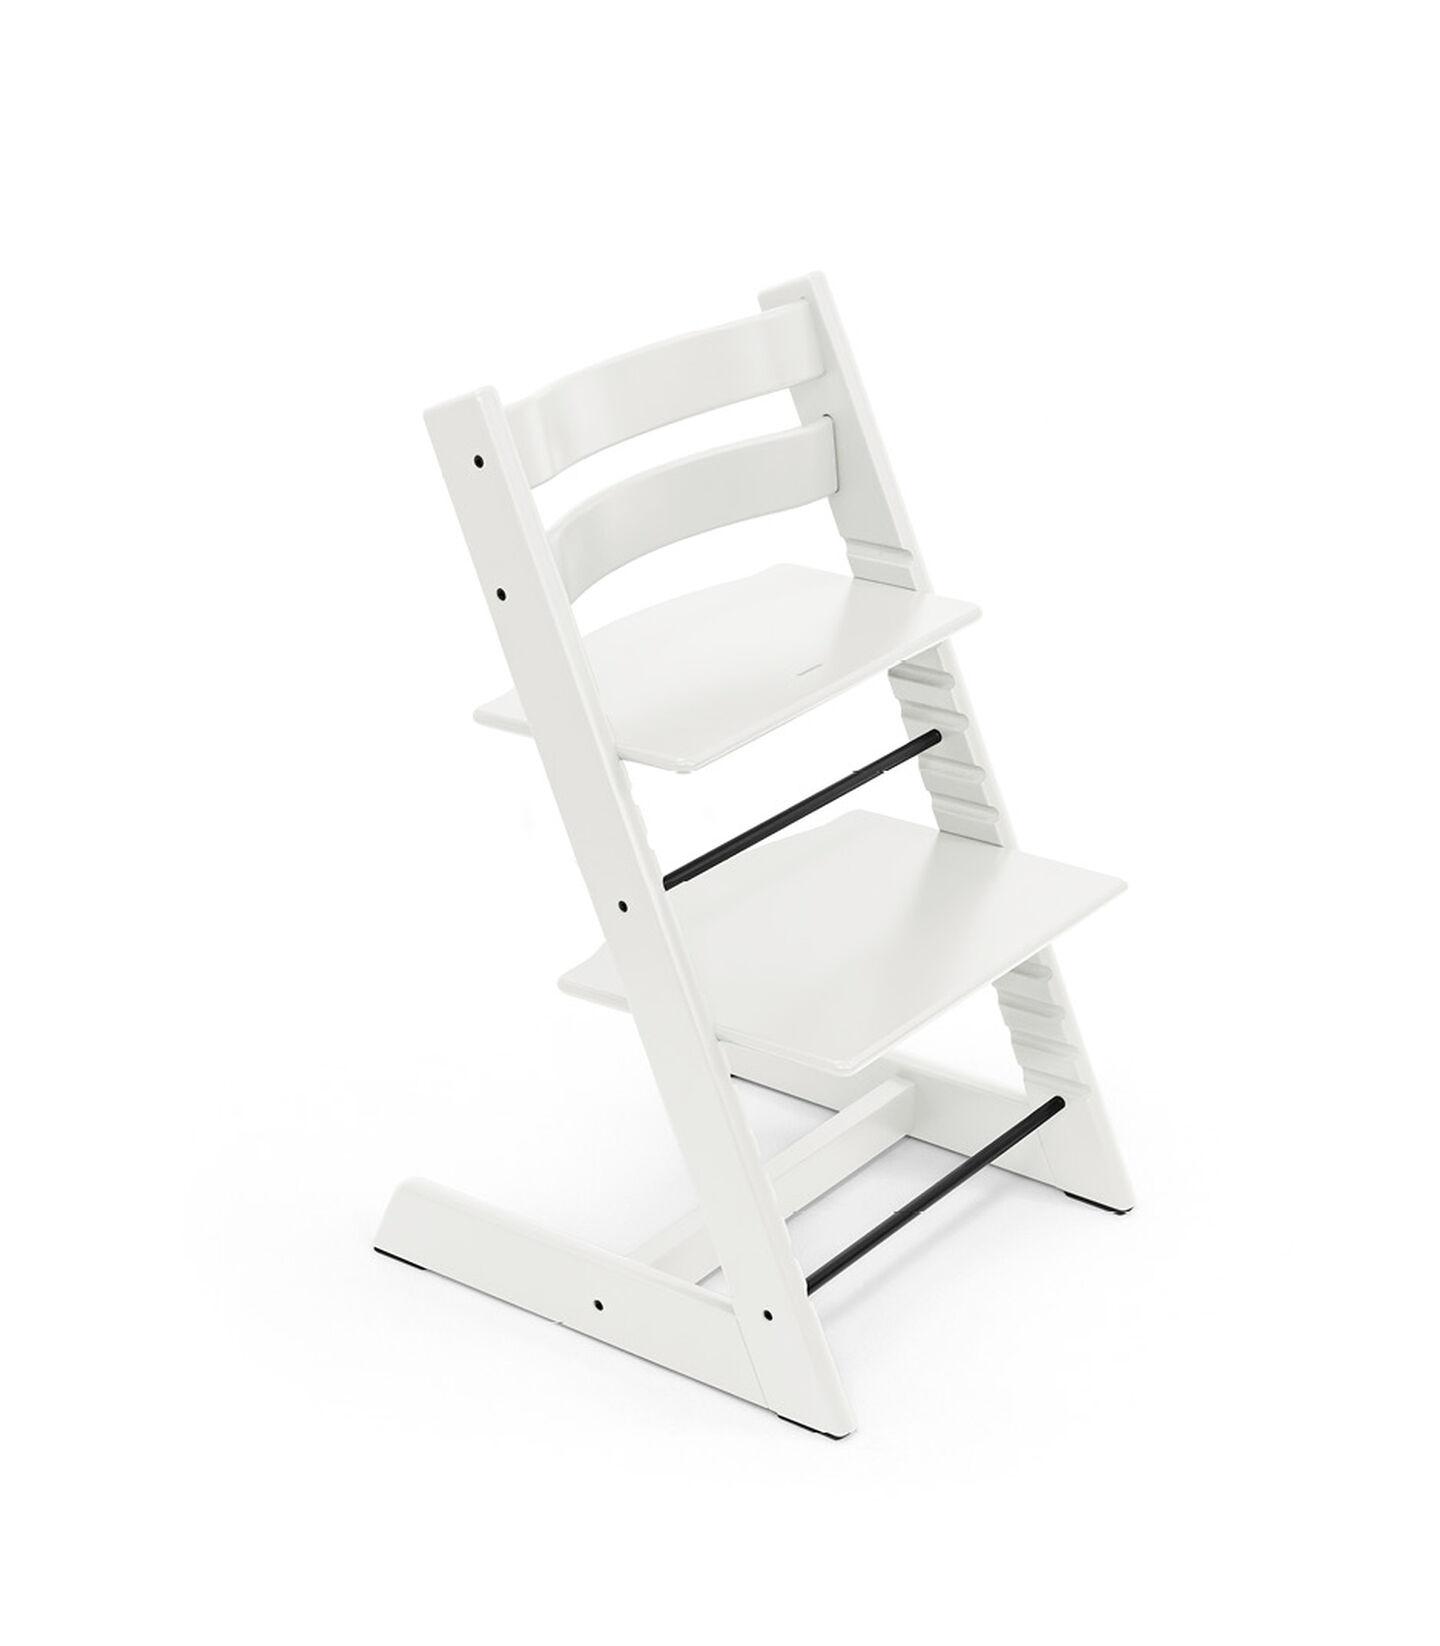 Tripp Trapp® Stuhl White, White, mainview view 2